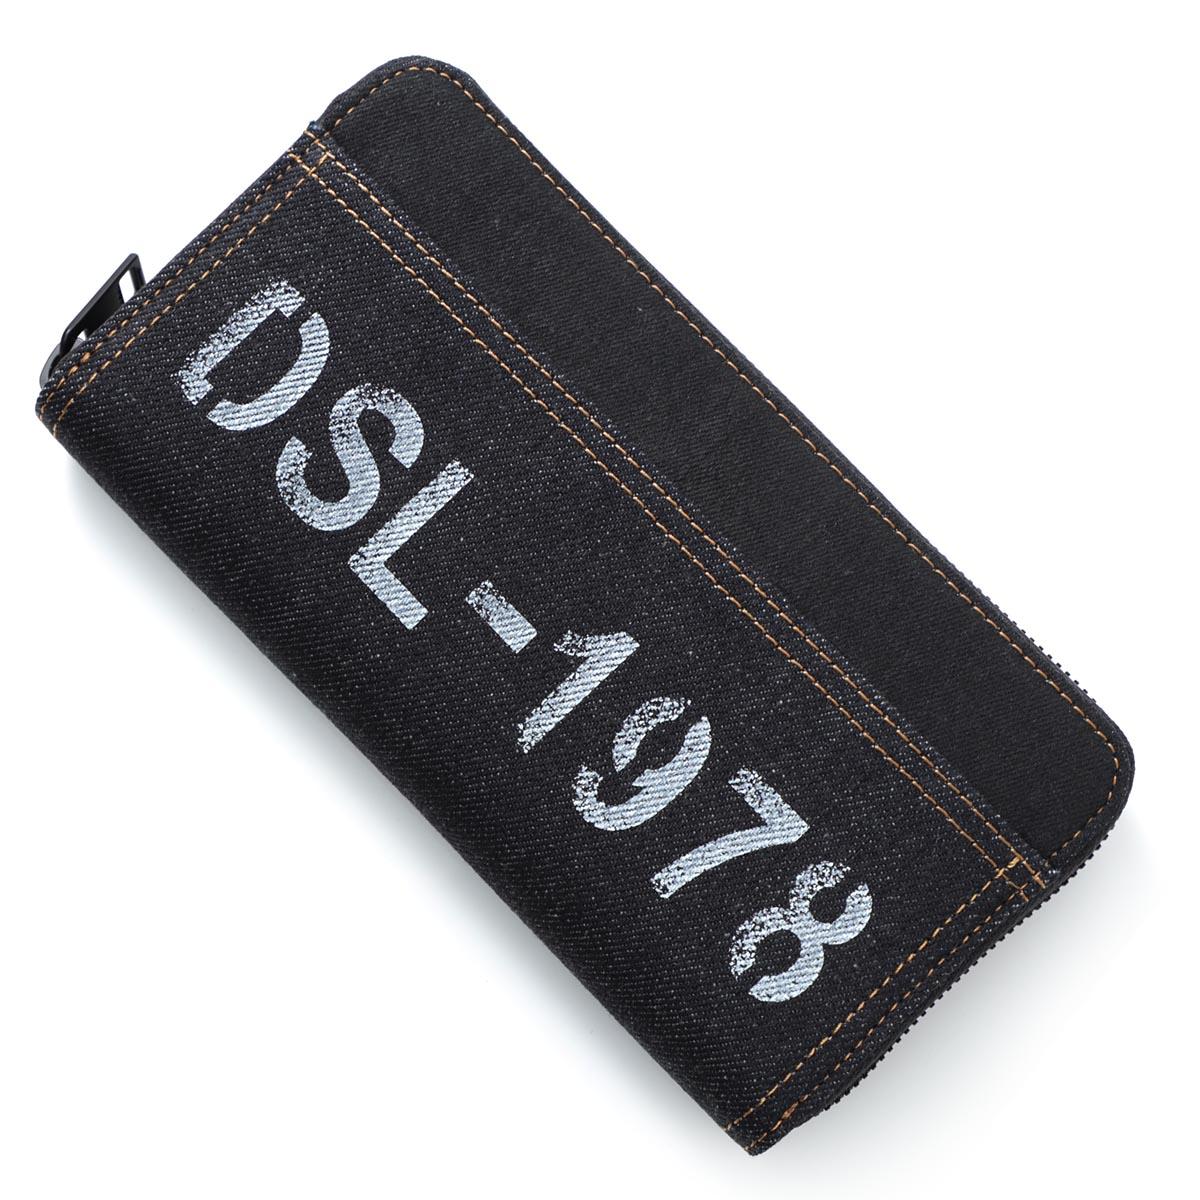 ディーゼル DIESEL ラウンドファスナー 財布 ブルー メンズ ウォレット ギフト プレゼント 24zip x06613 p0184 h1191 24ZIP【あす楽対応_関東】【返品送料無料】【ラッピング無料】